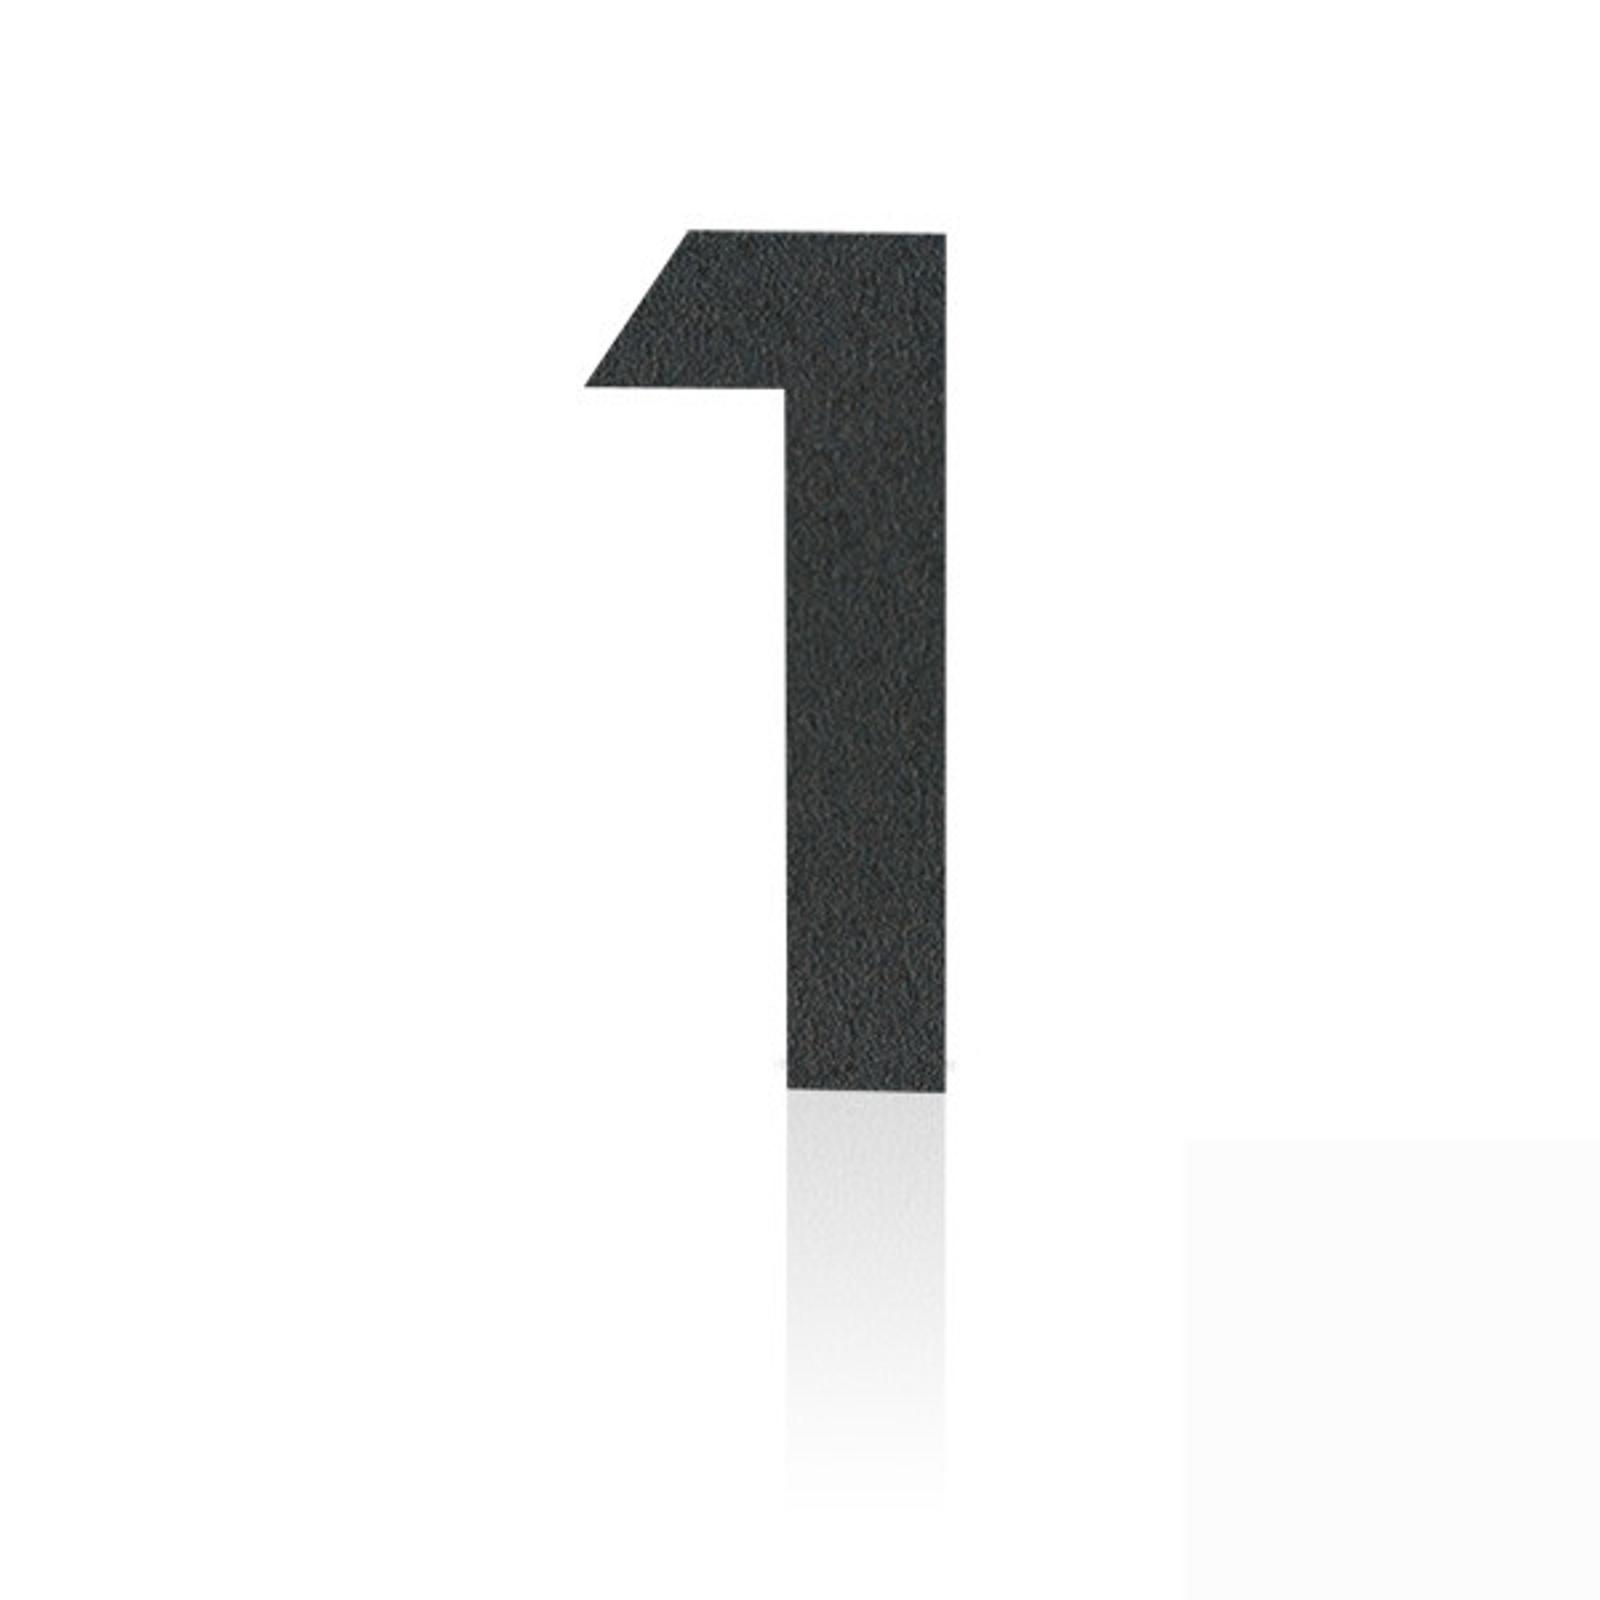 Produktové foto Heibi Nerezová domovní čísla číslice 1, grafit šedý